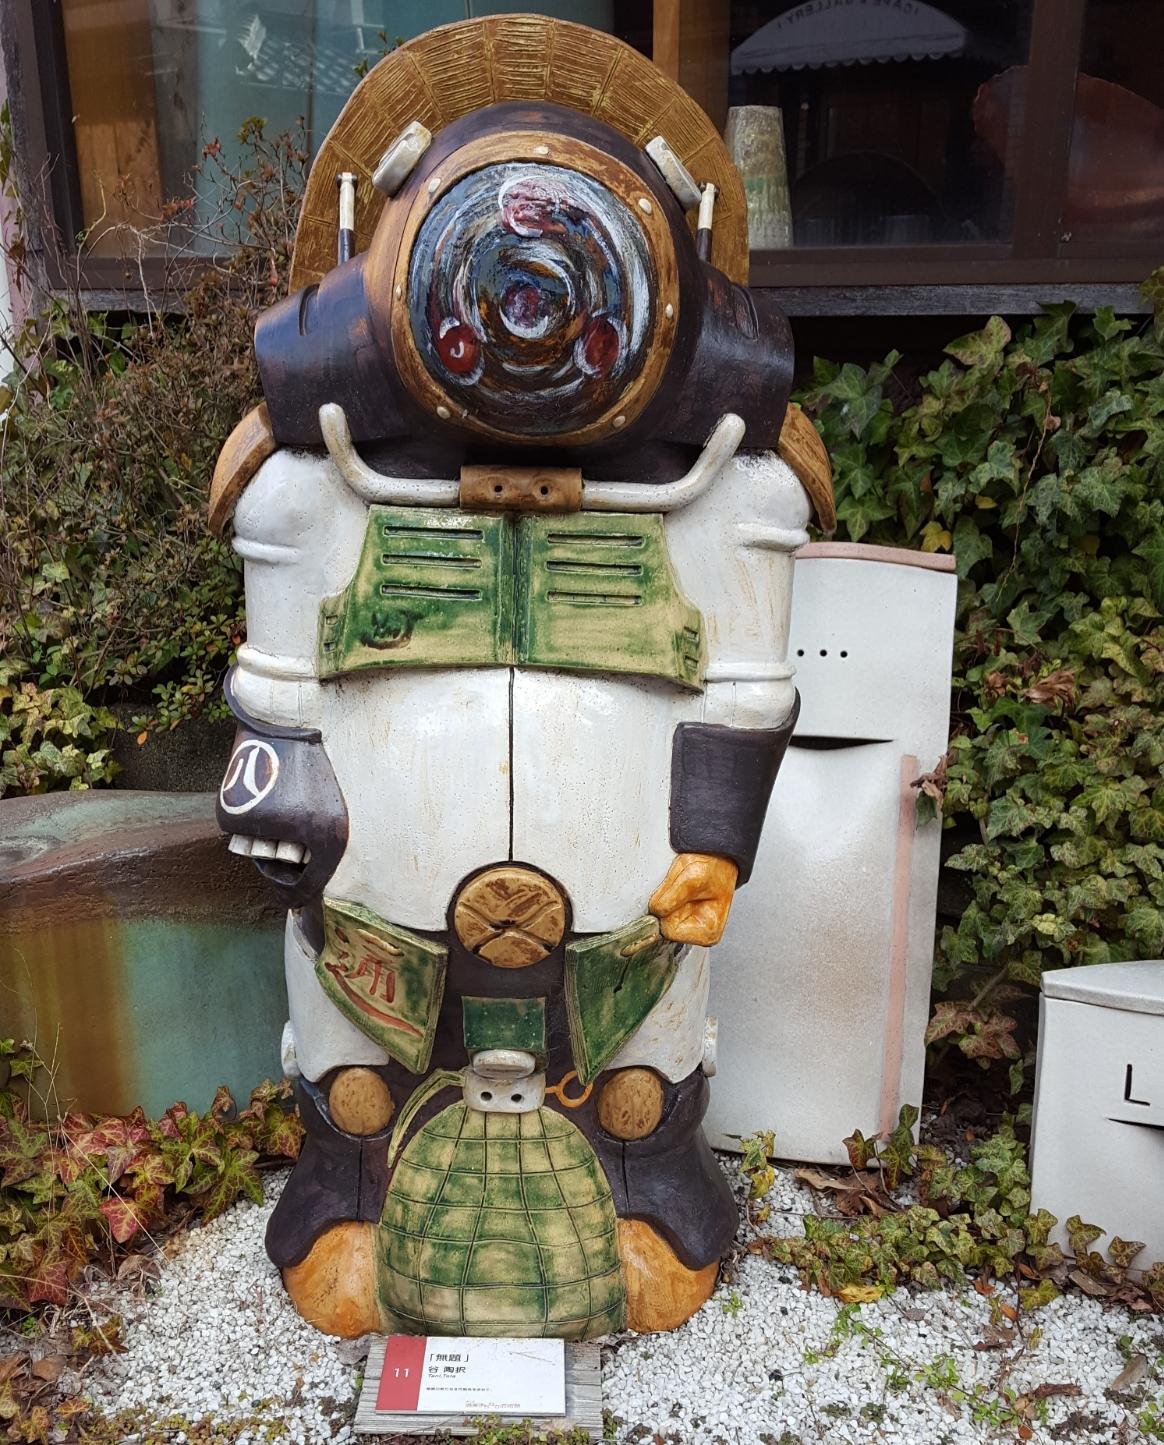 コイツは、ロボットと狸の融合でしょうか!? カッコいいかどうか・・・・どうでしょうか??